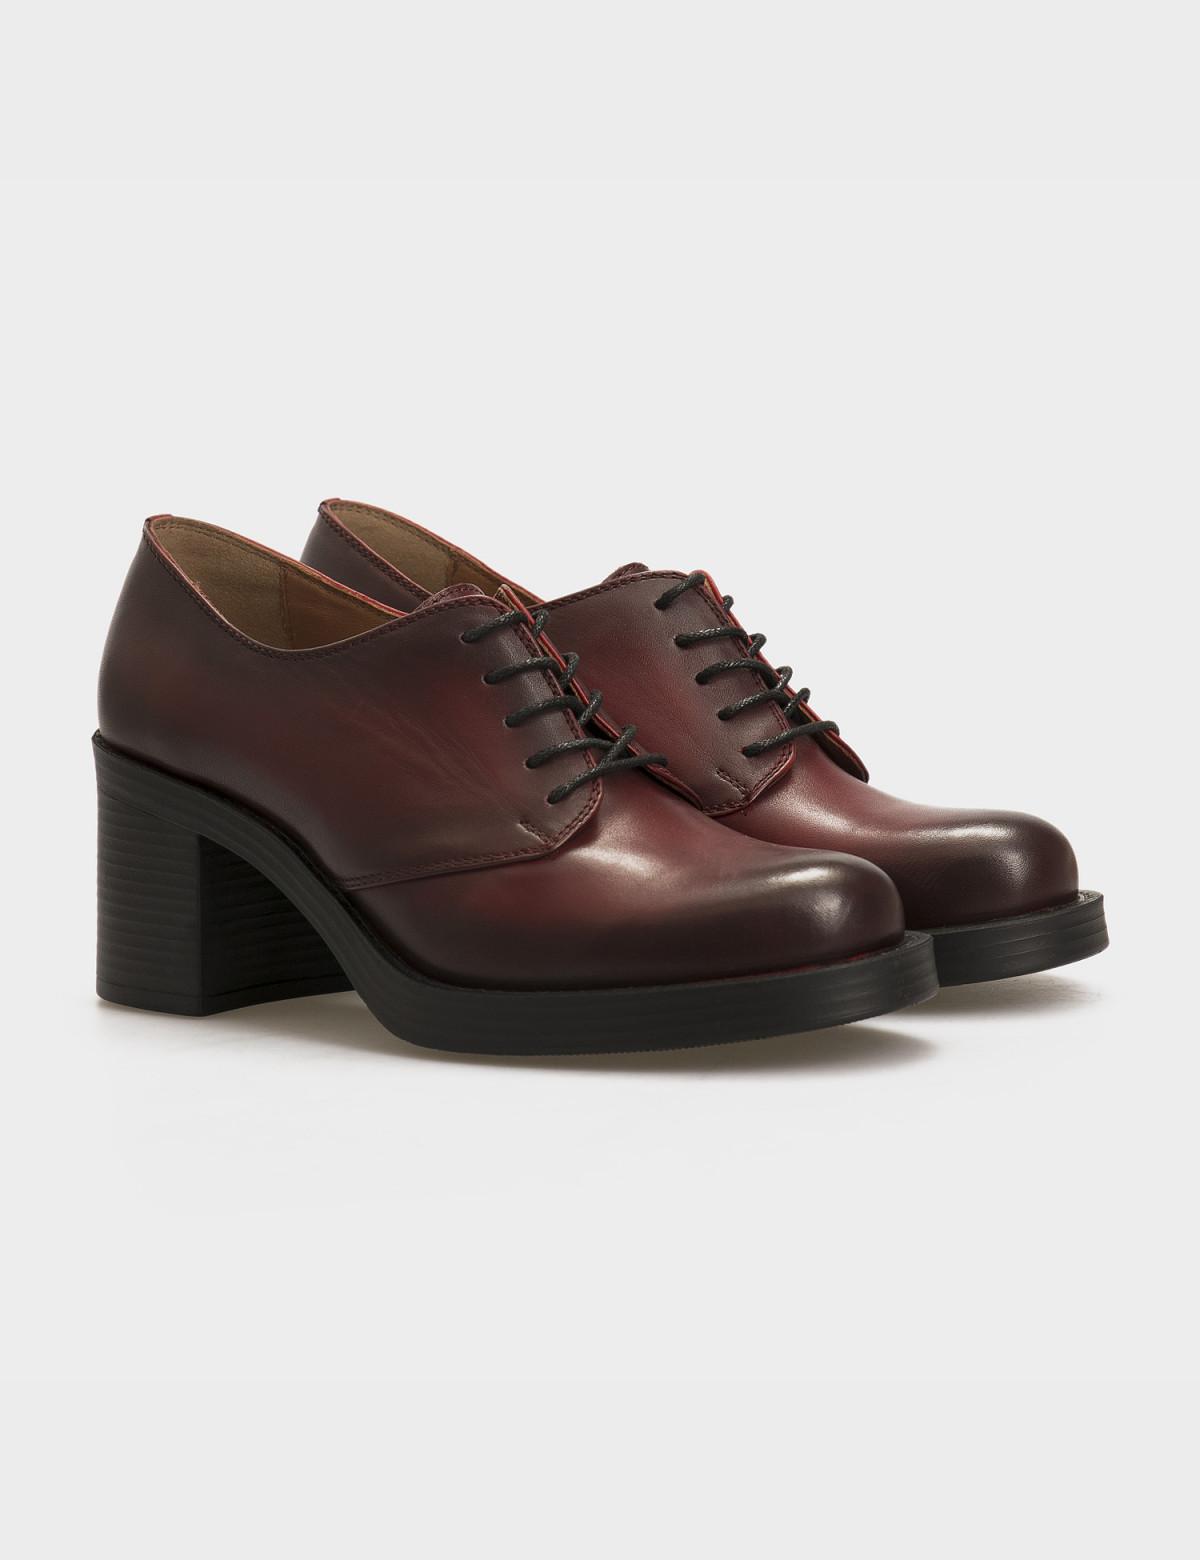 Туфли бордовые, натуральная кожа 1